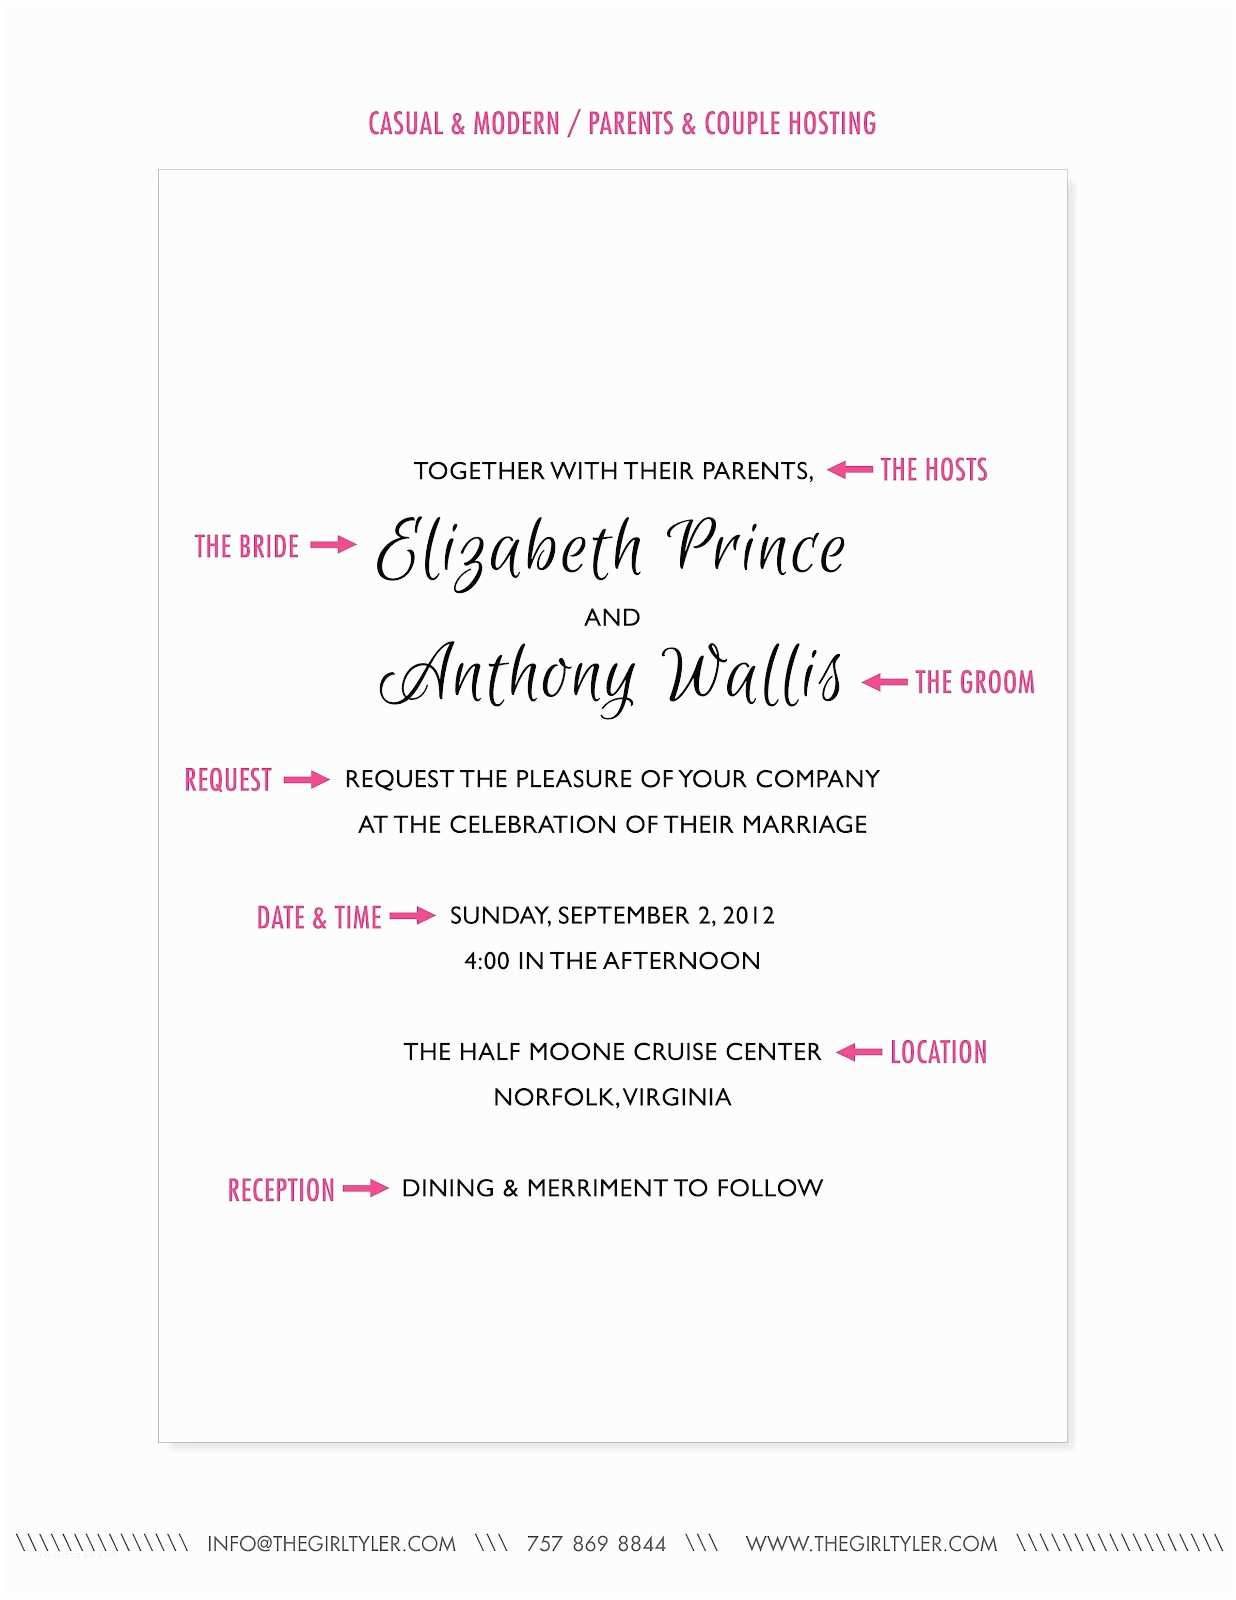 Wedding Etiquette Invitations Wedding Invitation Etiquette –